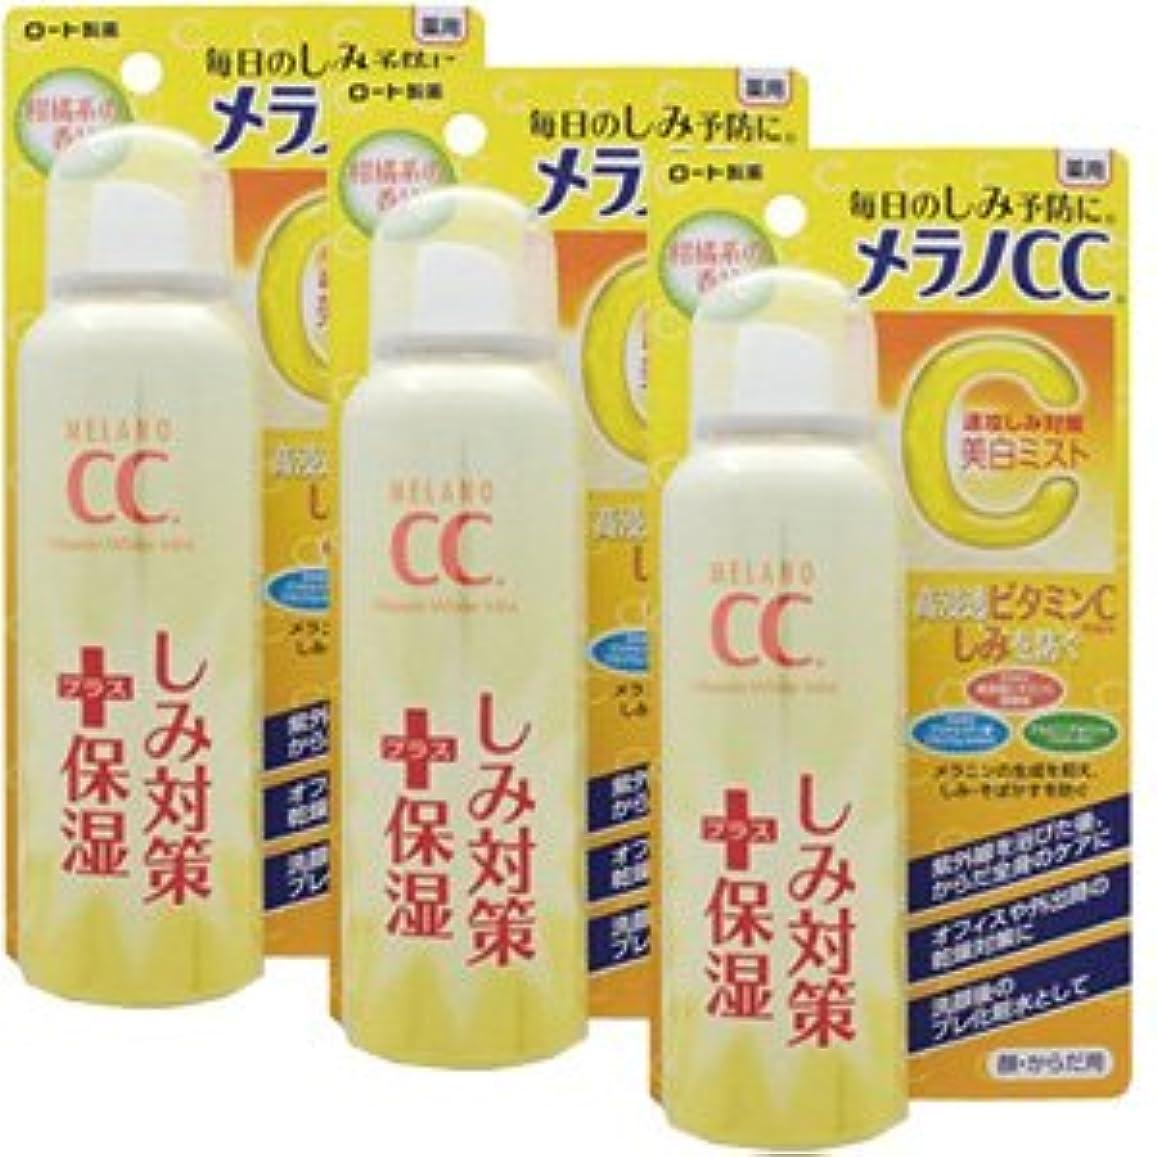 低い虐待無謀【3個】メラノCC 薬用しみ対策美白ミスト化粧水 100gx3個